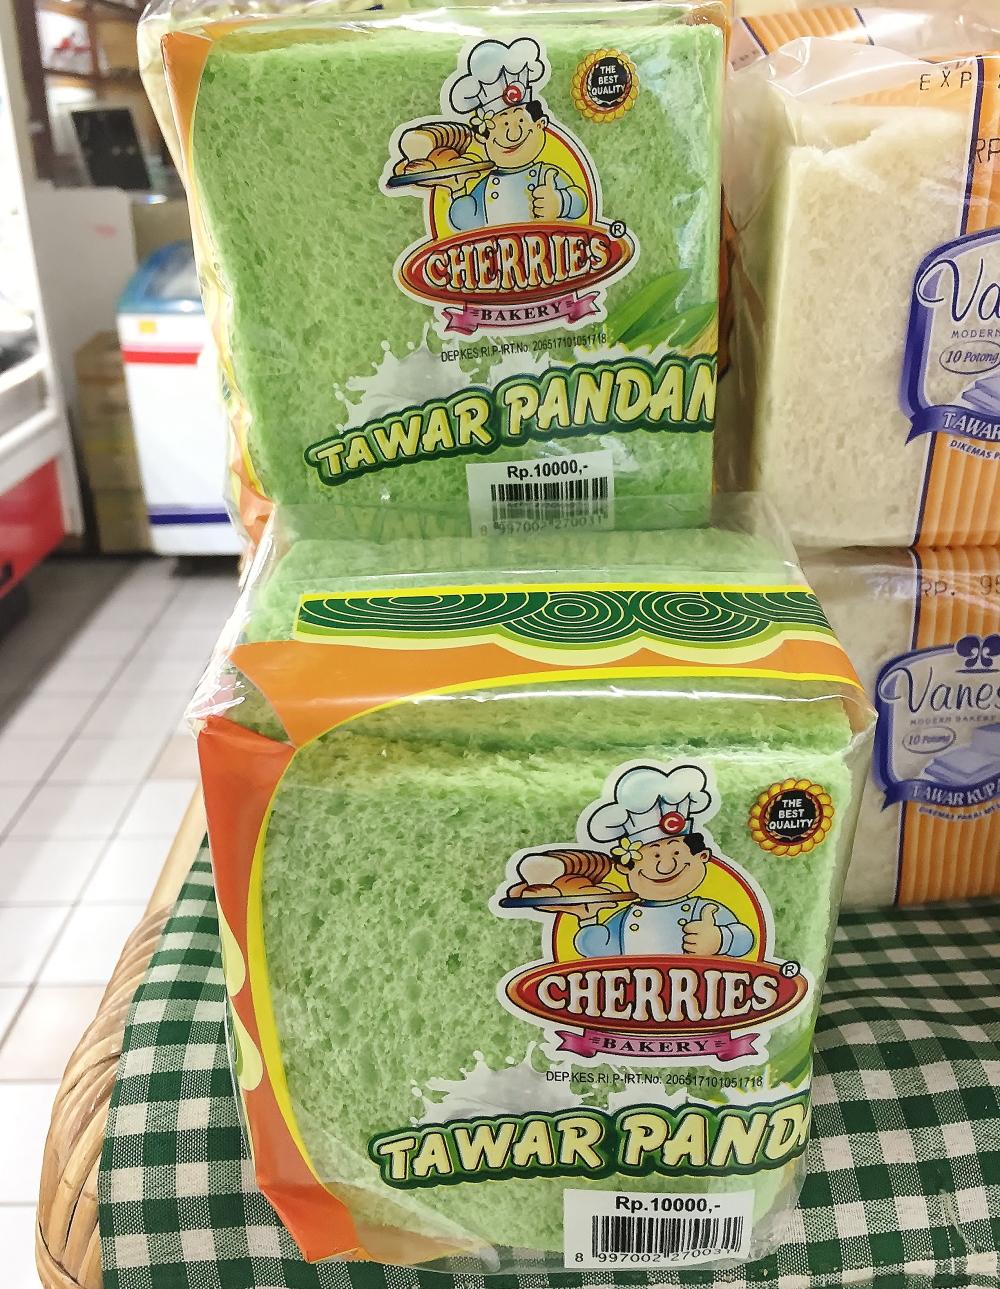 Tawar pandan 緑の食パン